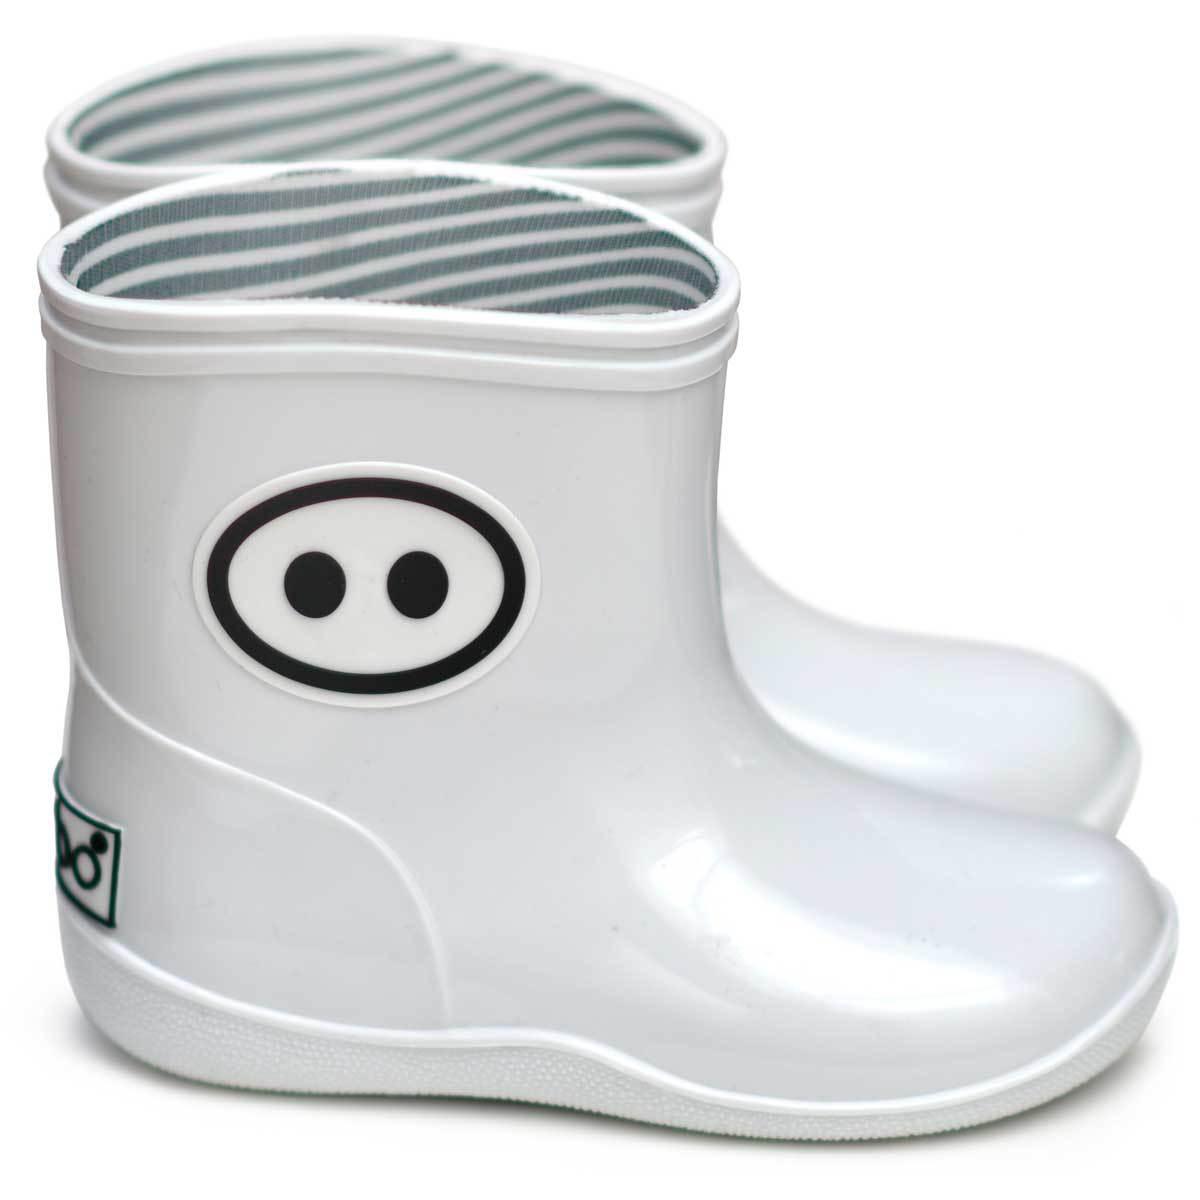 Chaussons & Chaussures Bottines Kawaï Blanc - 21/22 Bottines Kawaï Blanc - 21/22